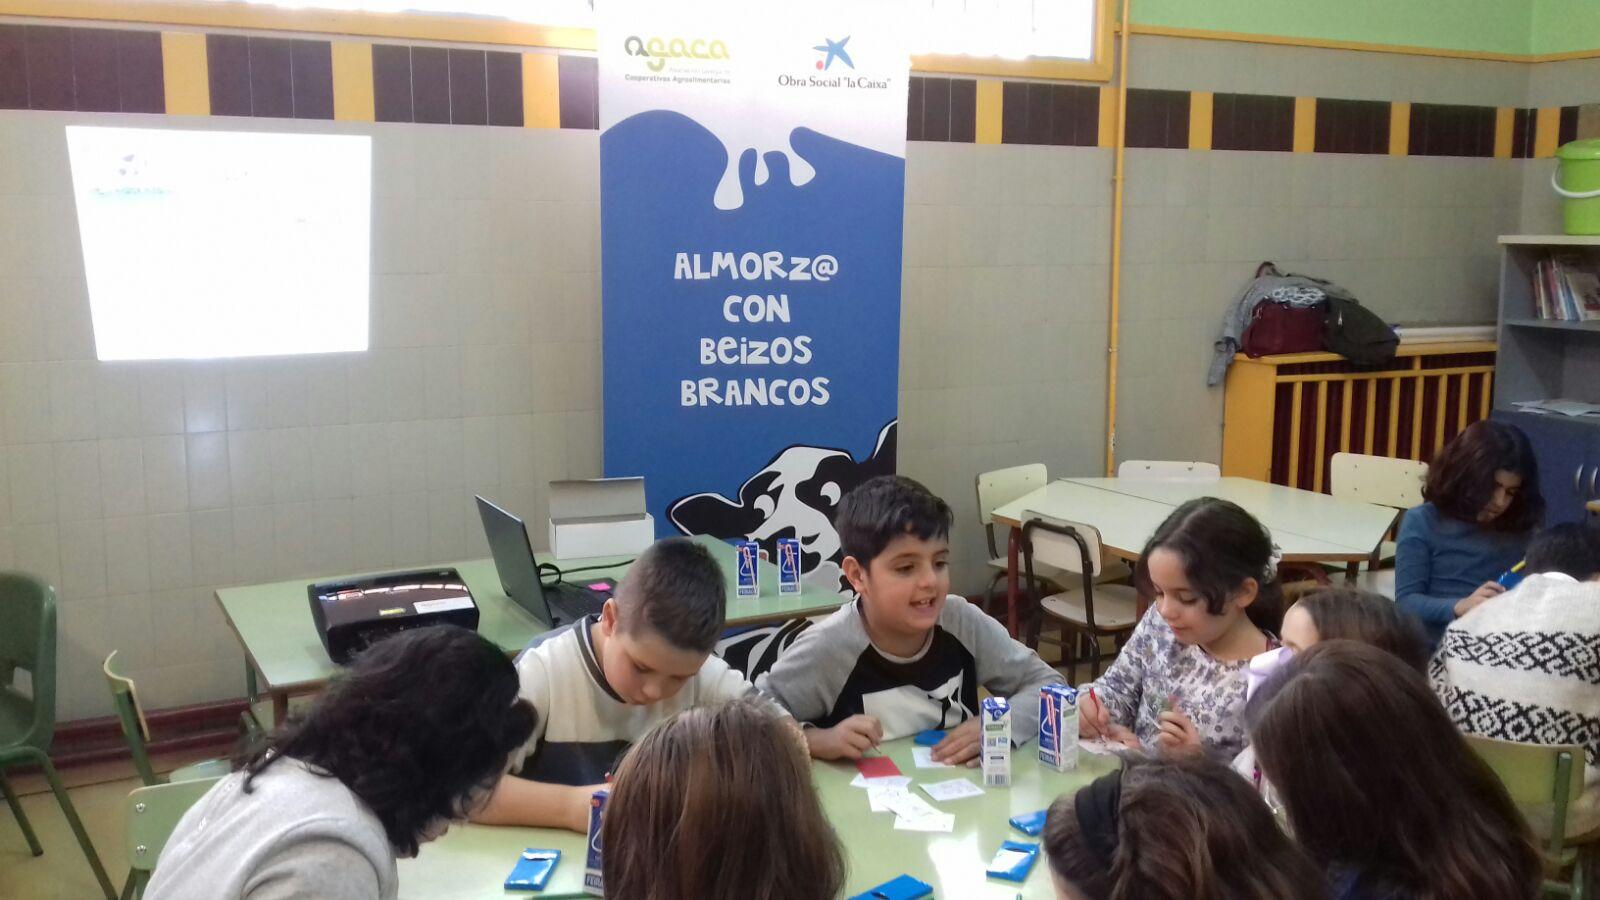 Leche, fruta y pan forman un desayuno educativo para cincuenta estudiantes de Lugo